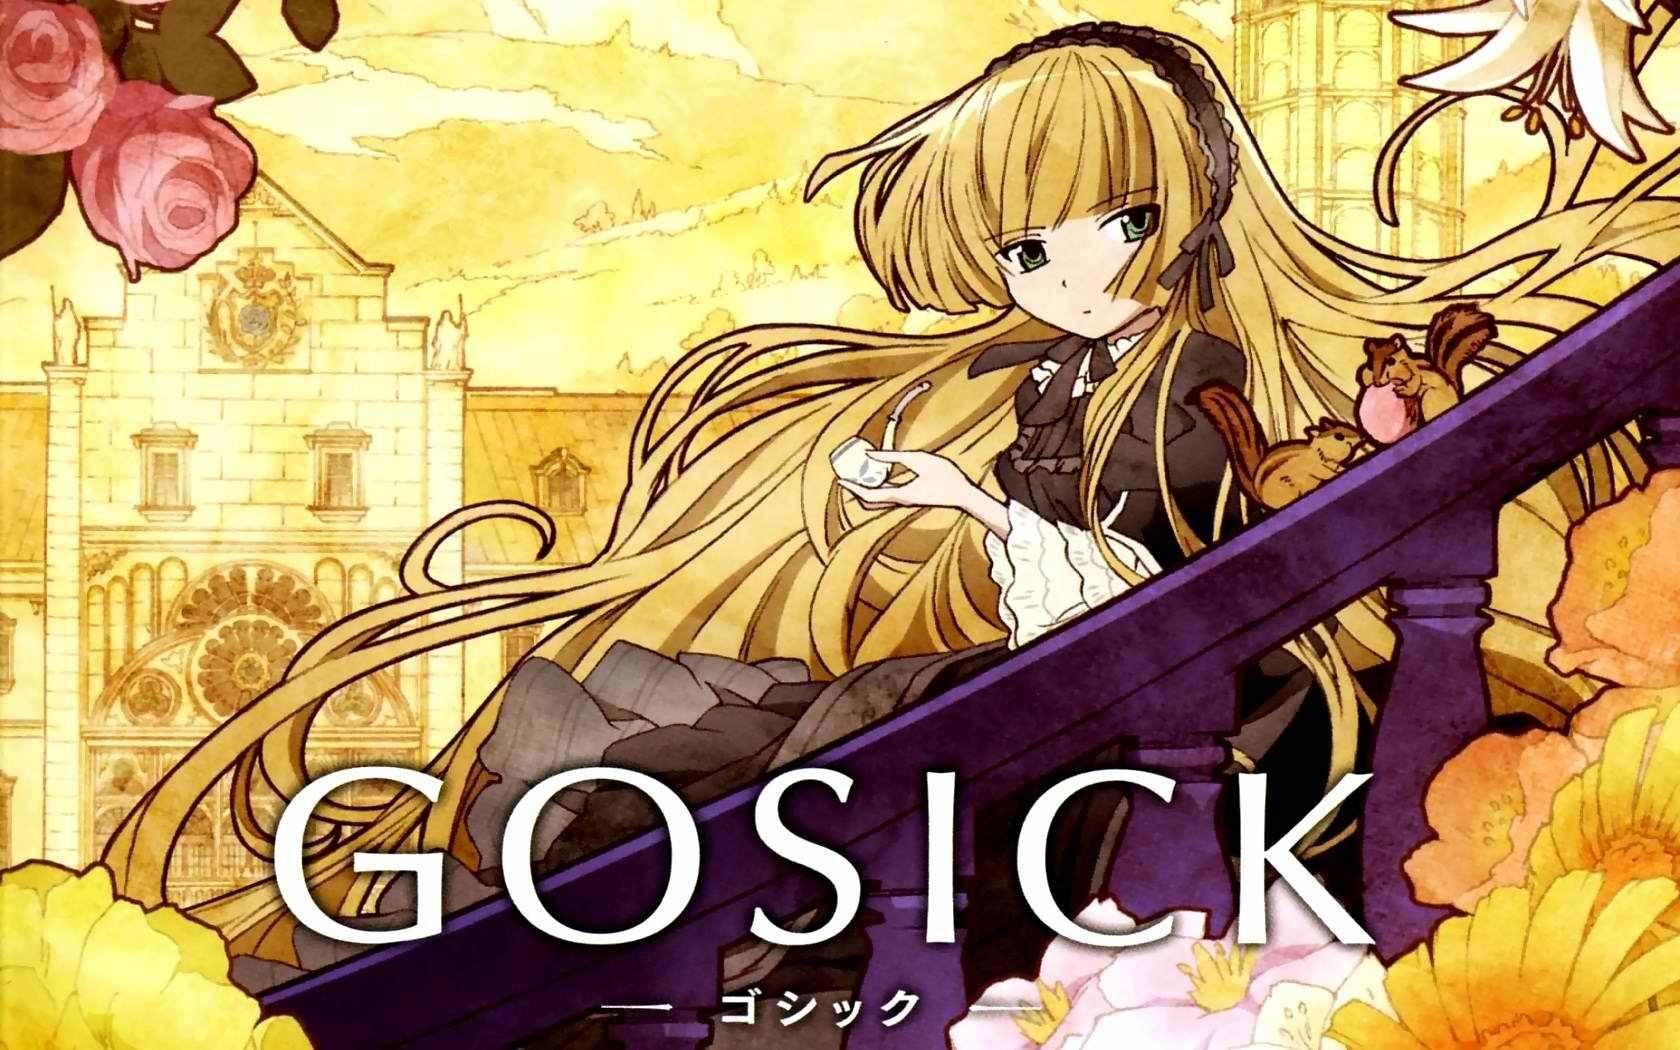 Gosick / 2011 / Anime / Mp4 / TR Altyazılı